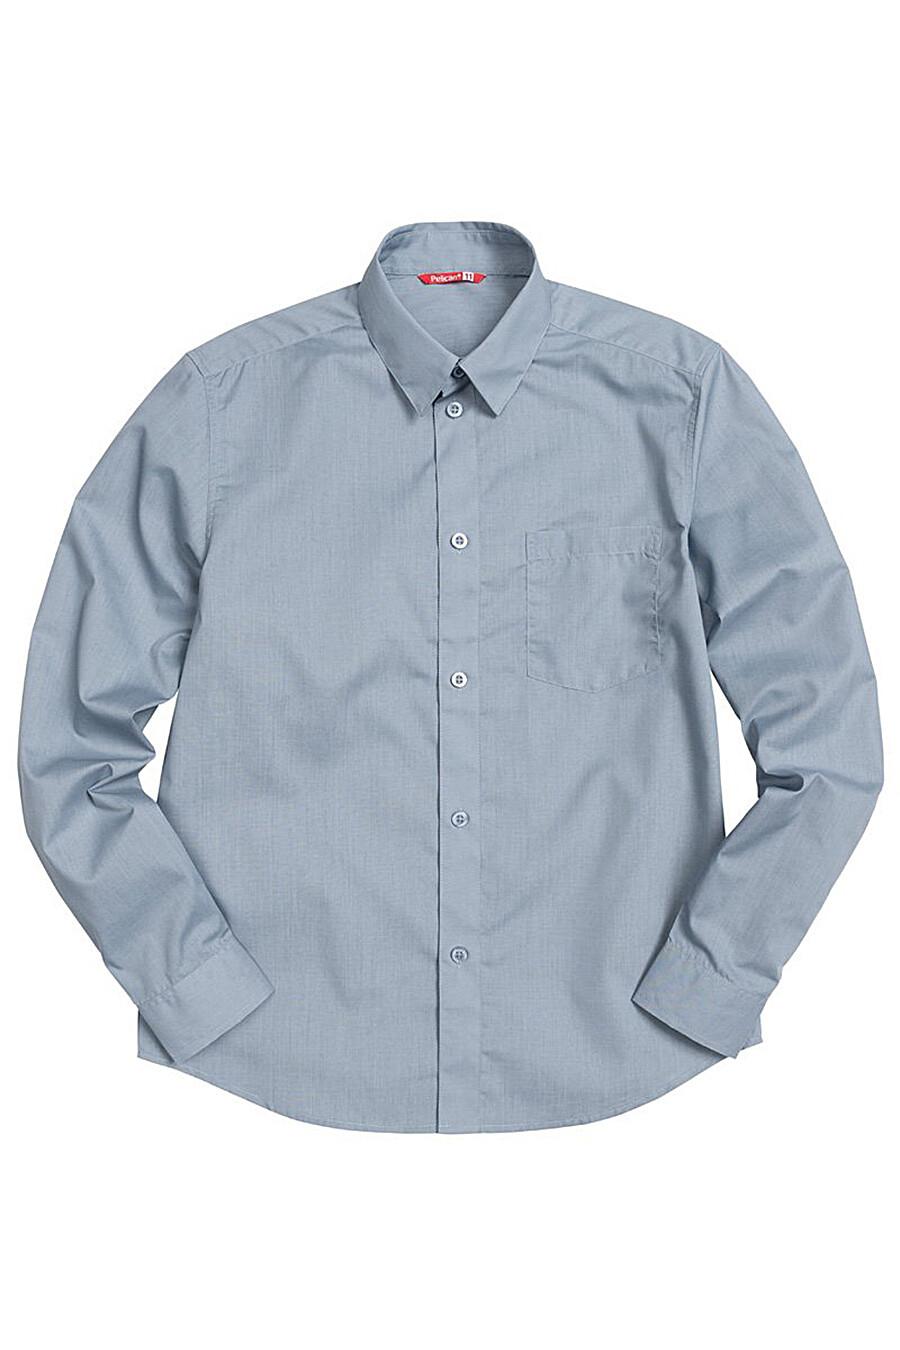 Рубашка для мальчиков PELICAN 169430 купить оптом от производителя. Совместная покупка детской одежды в OptMoyo